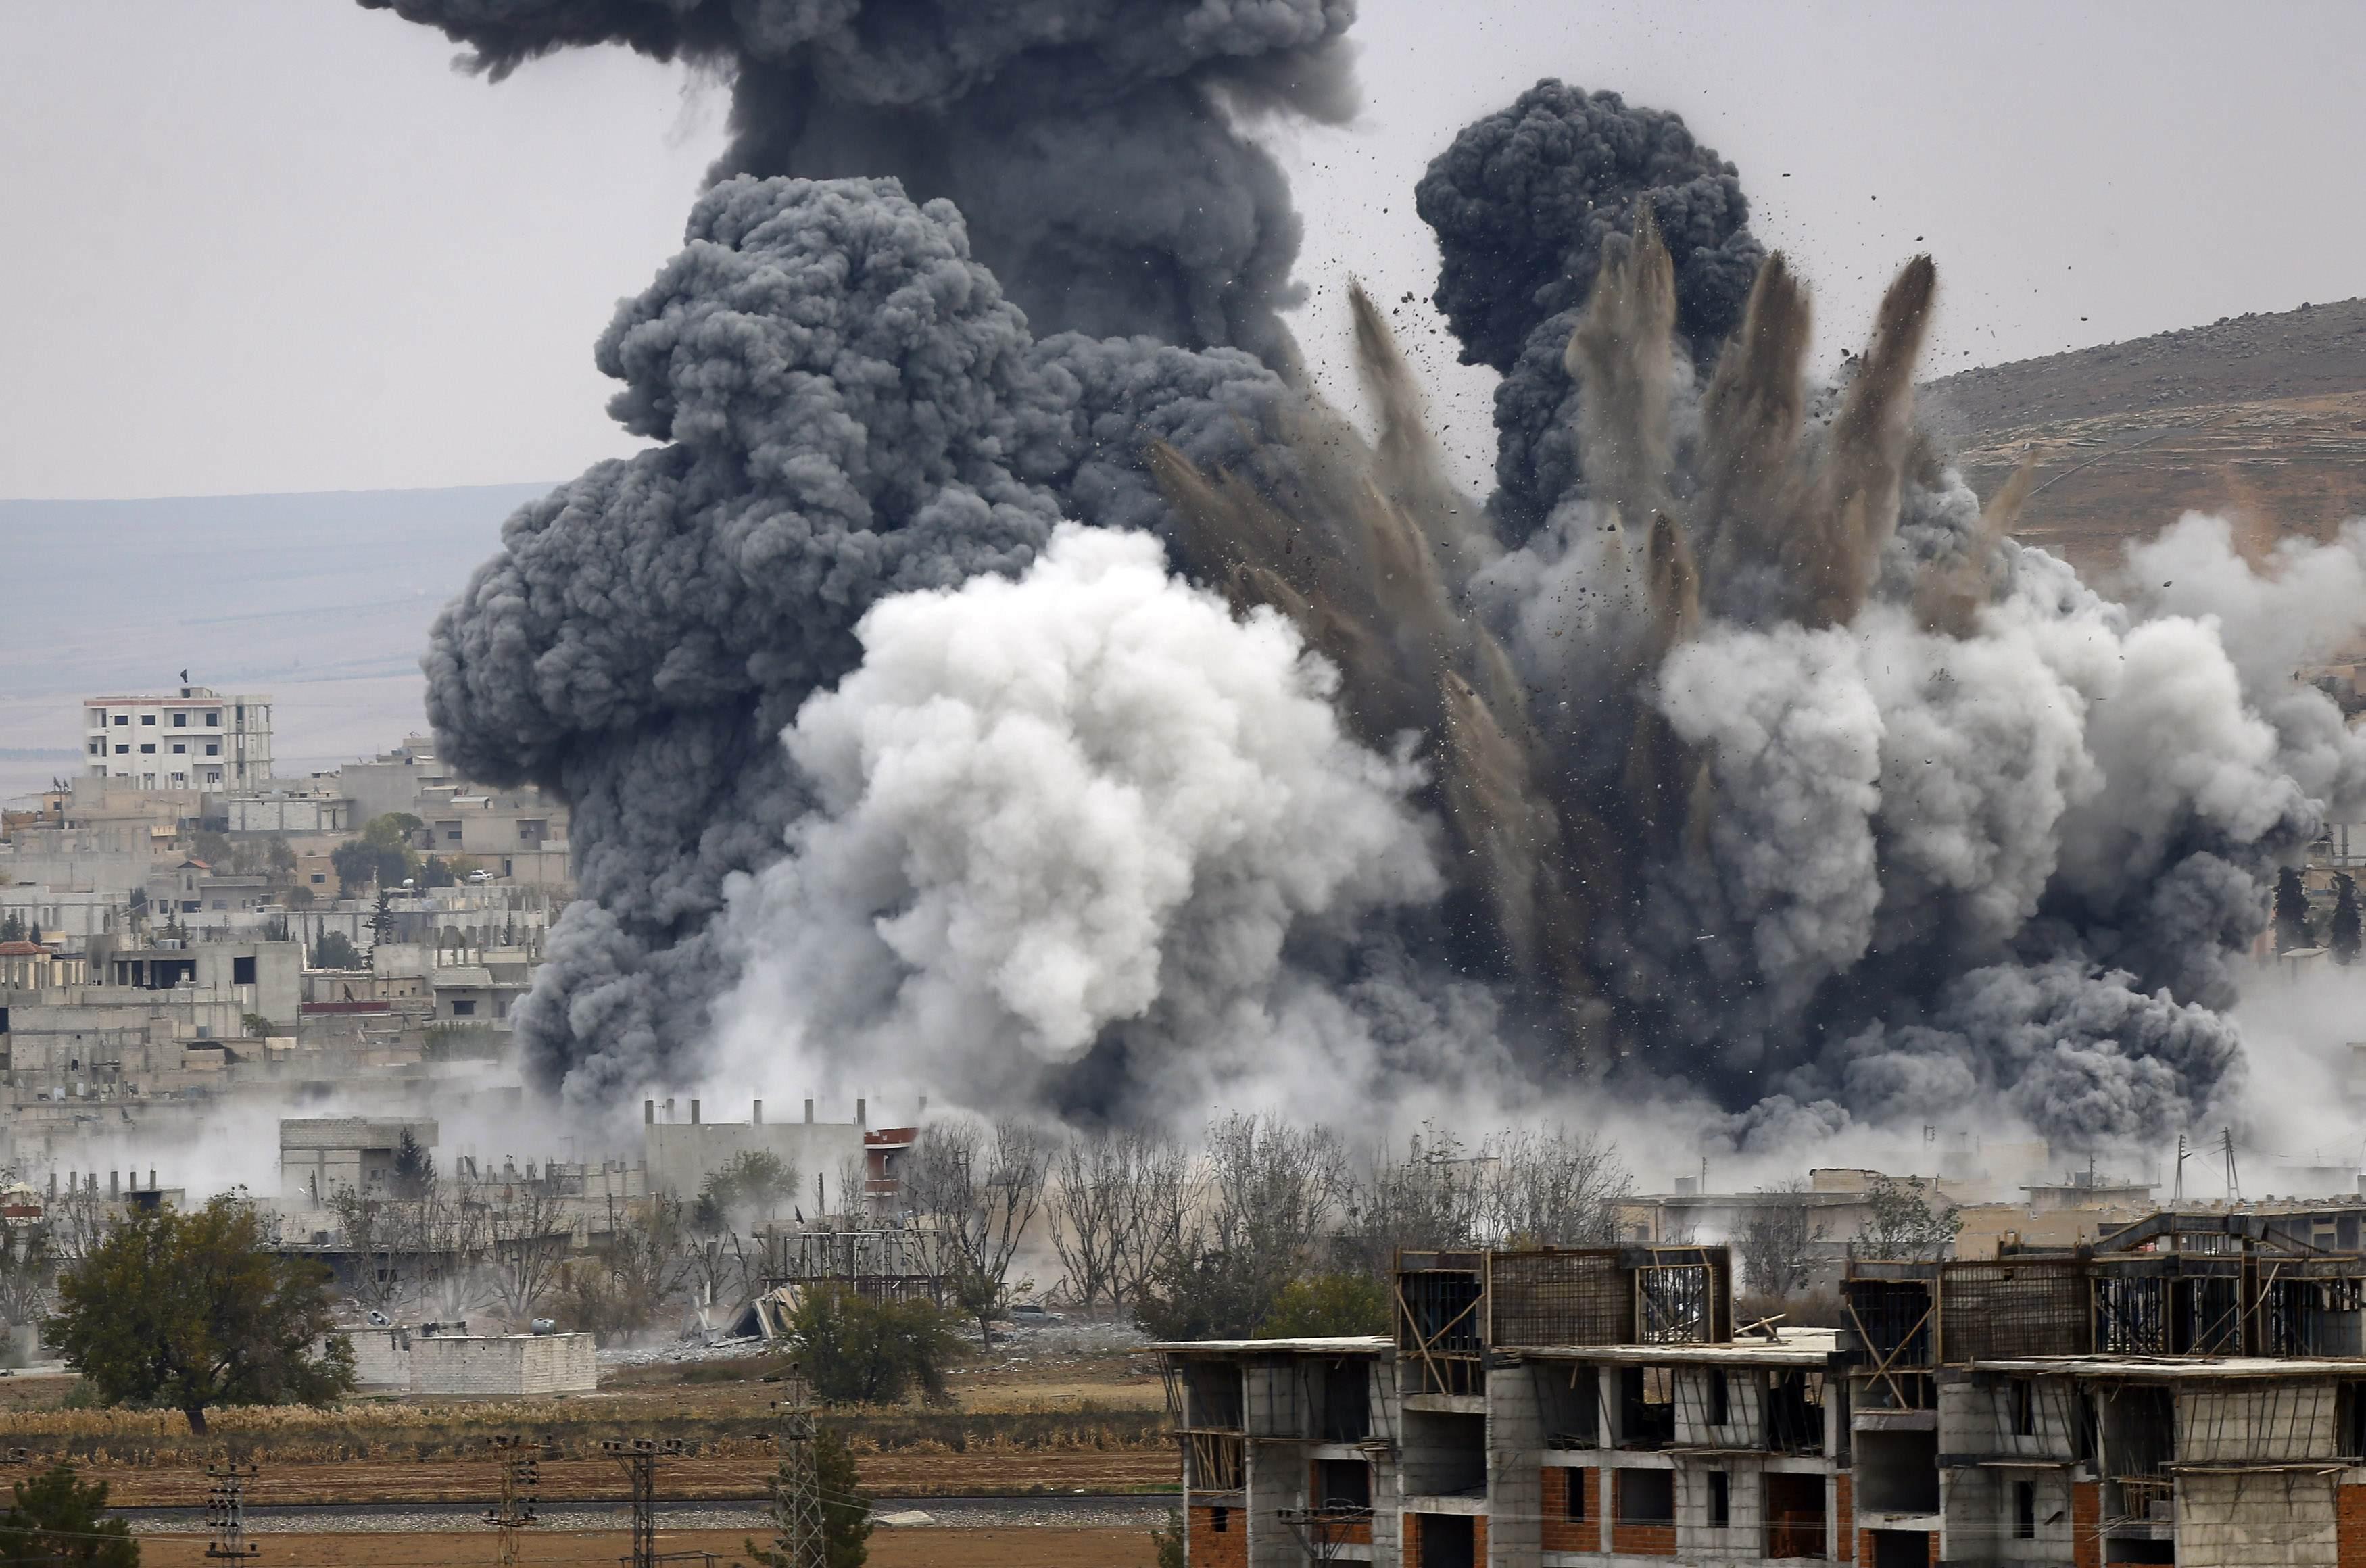 7 лет кровавой бойни в Сирии: США отказывается нести финансовую ответственность : Политика Newsland – комментарии, дискуссии и обсуждения новости.